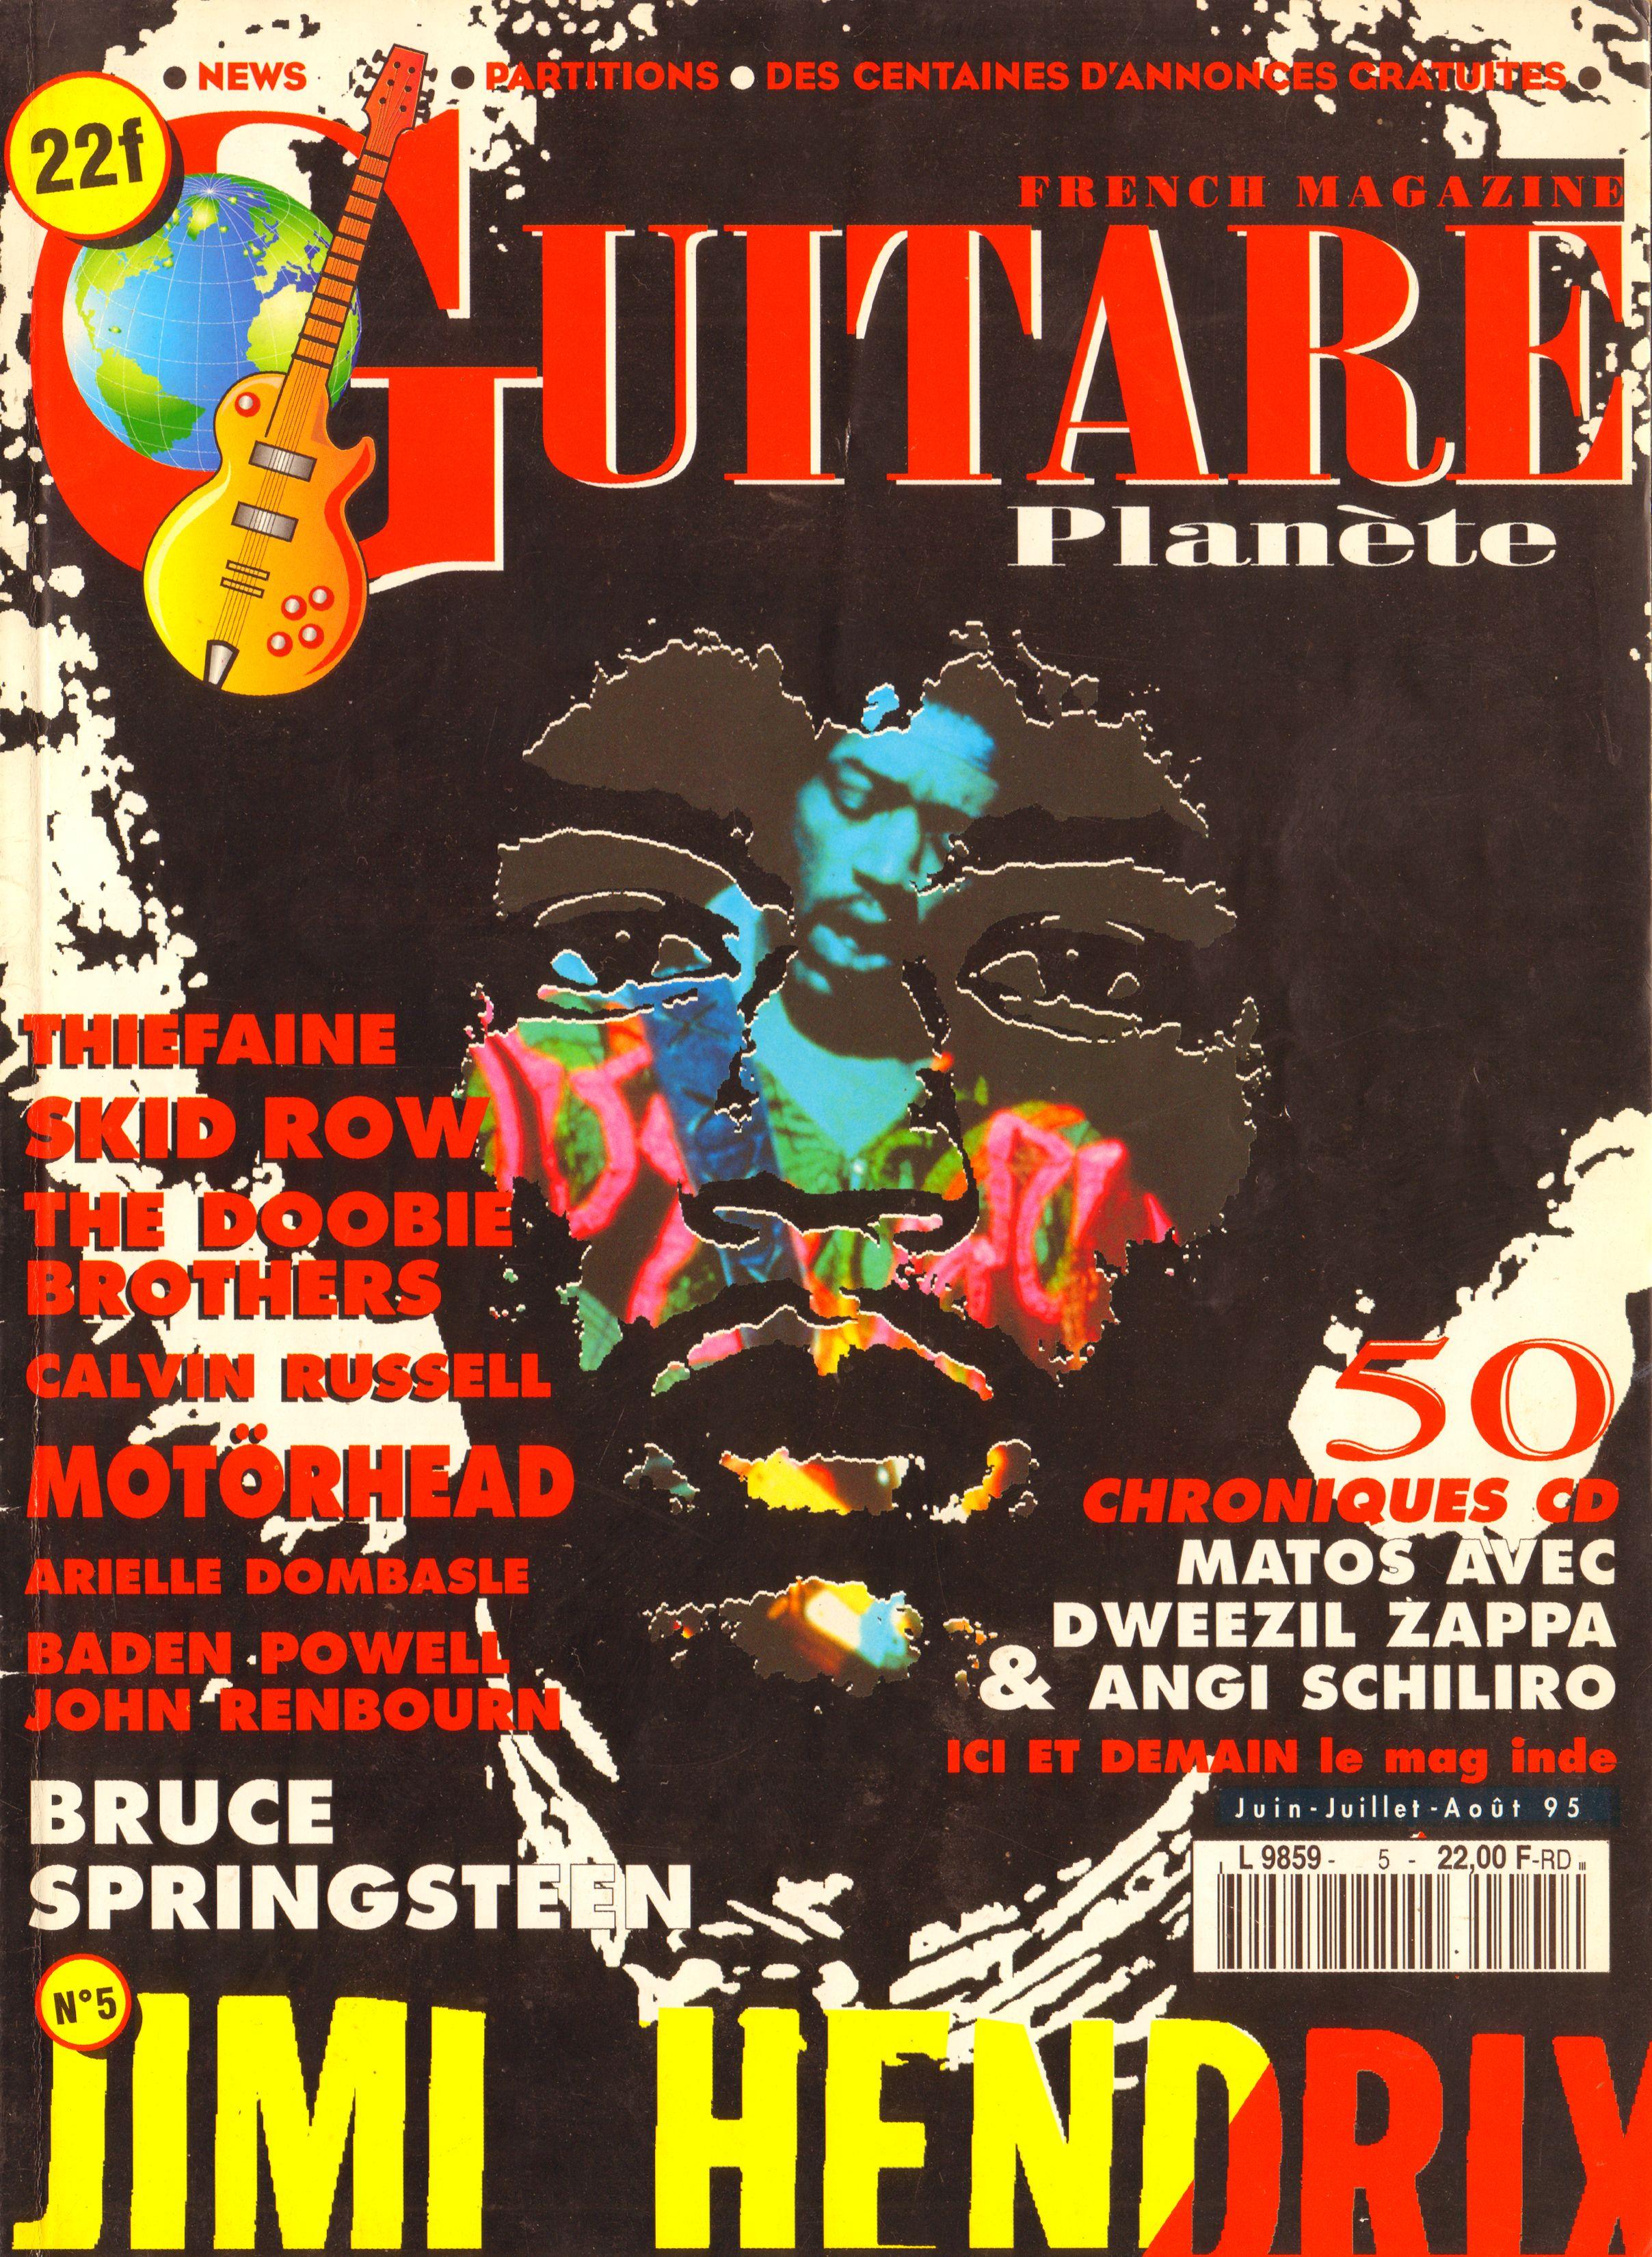 Magazines Français 1989 - 2014 GuitarePlaneteJuinJuilletAout1995Couverture